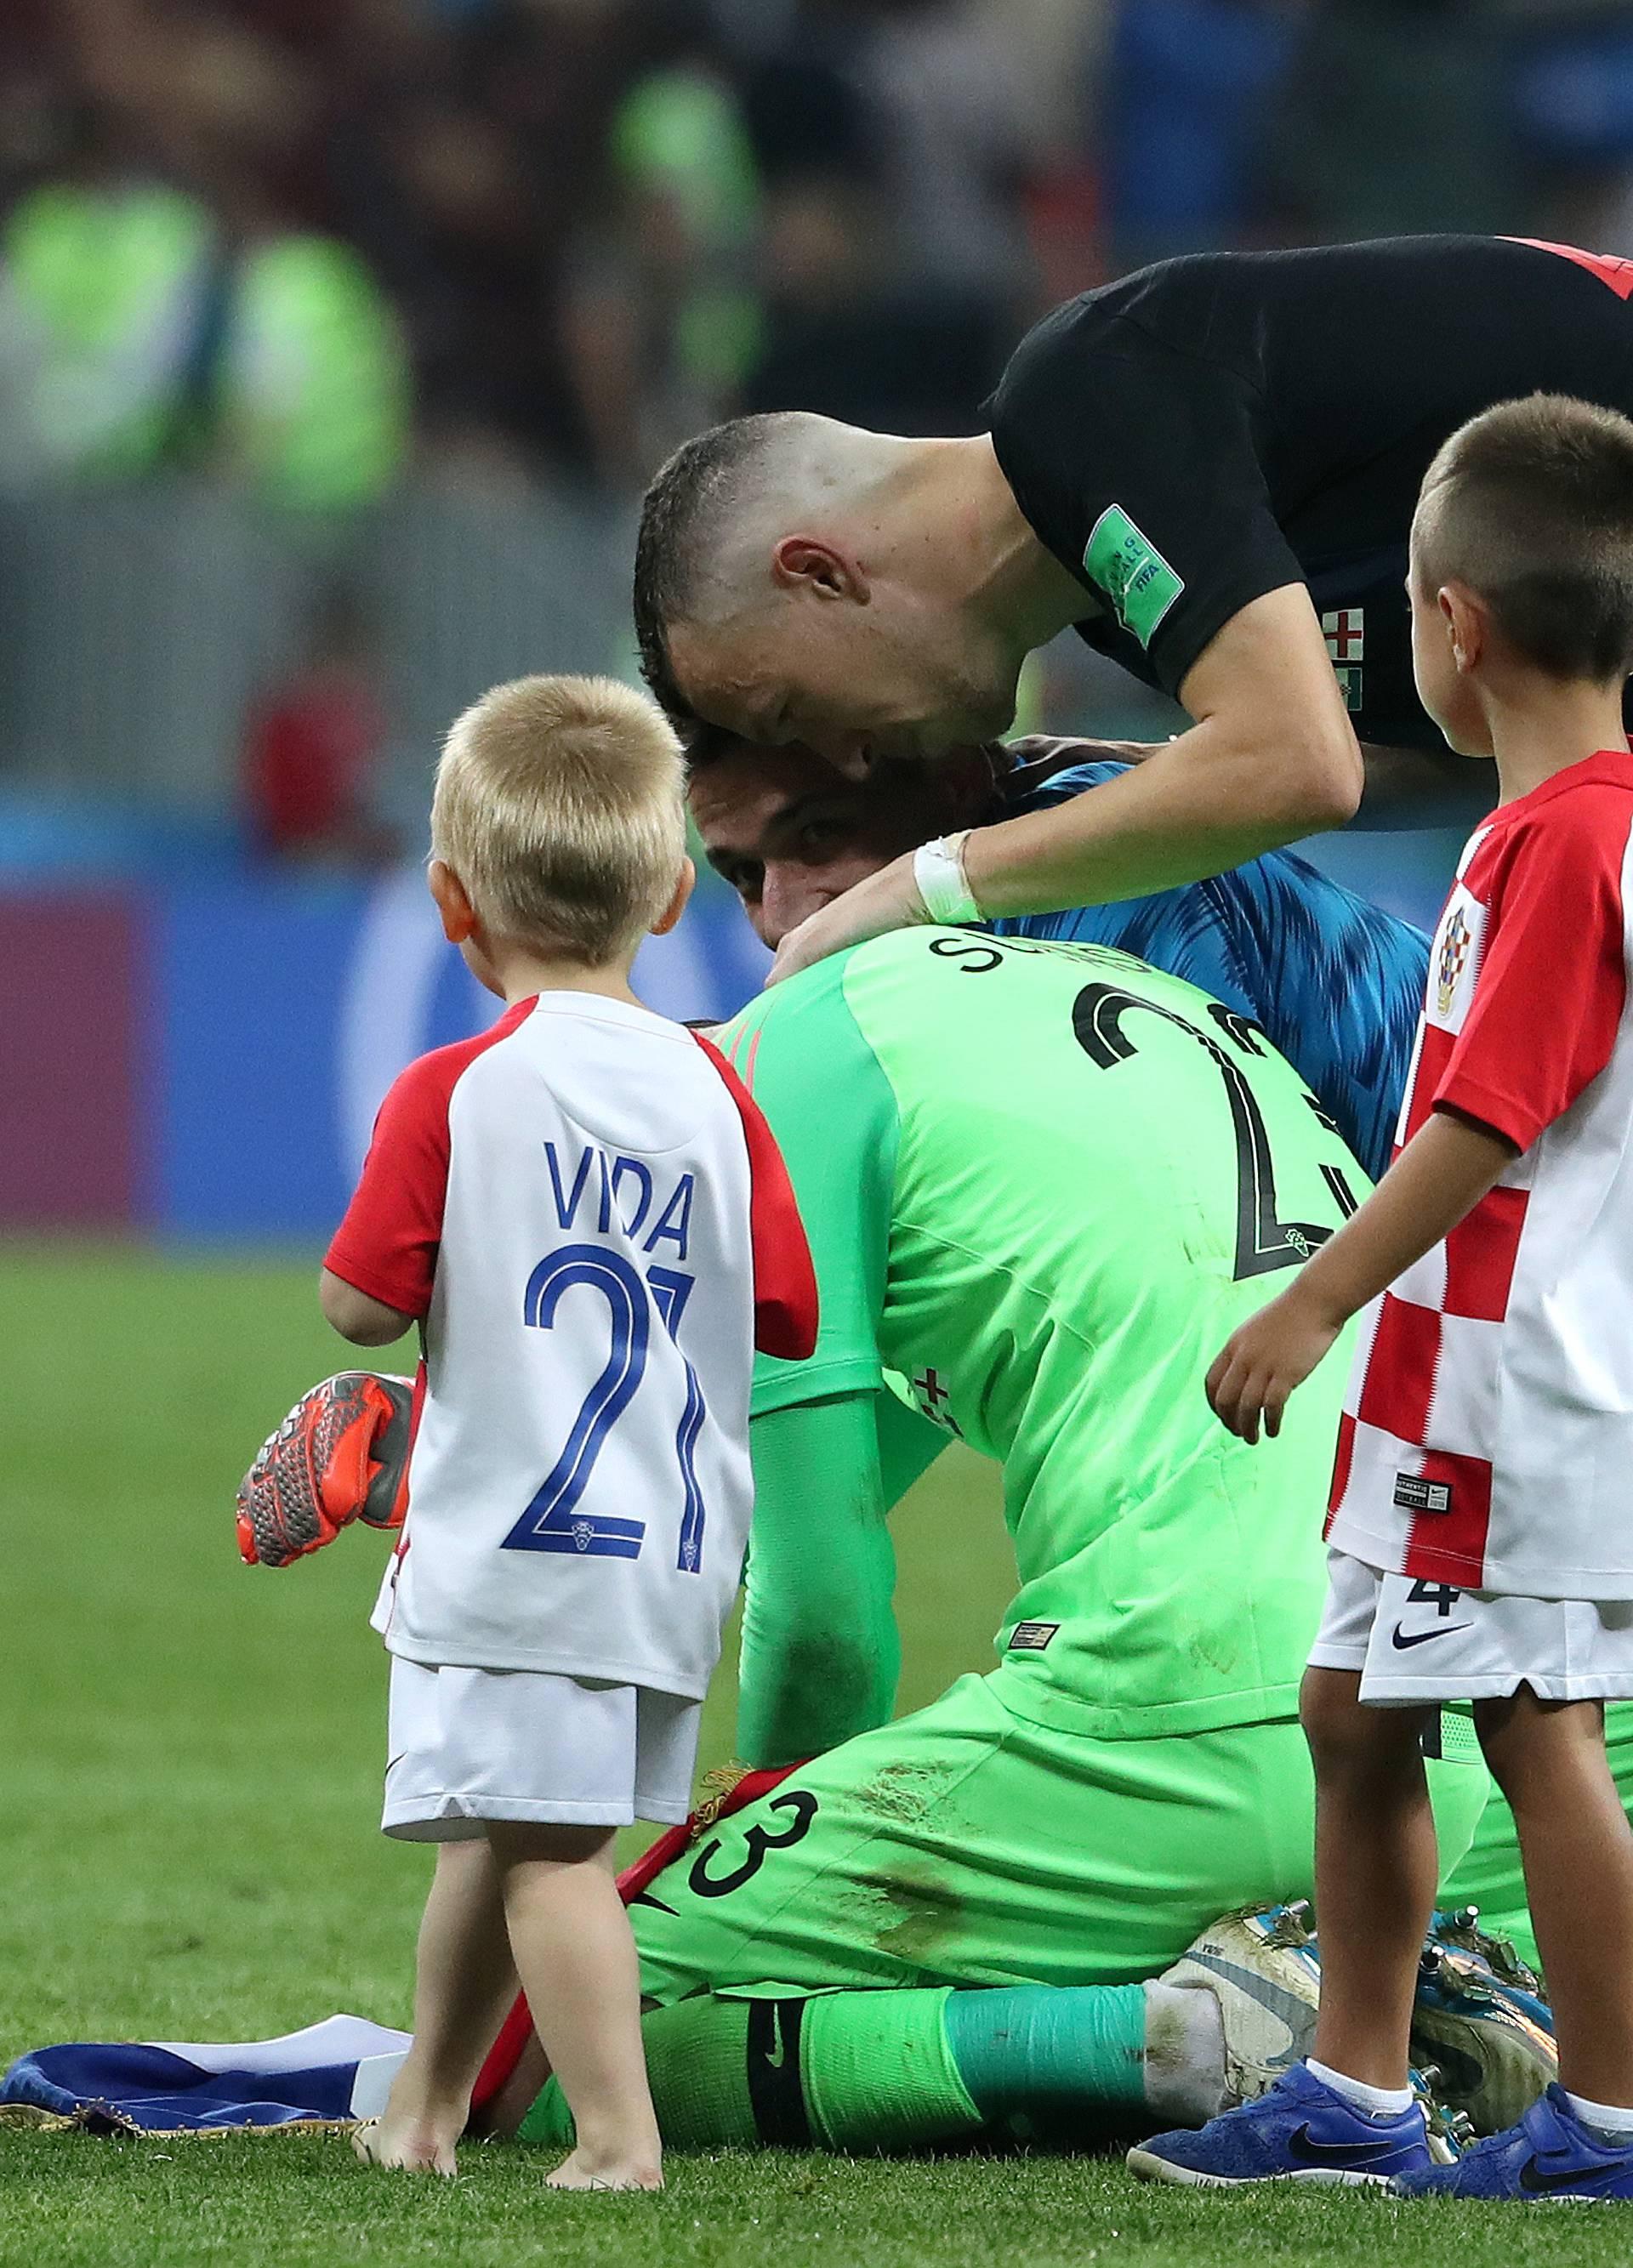 SP 2018, Hrvatska - Engleska